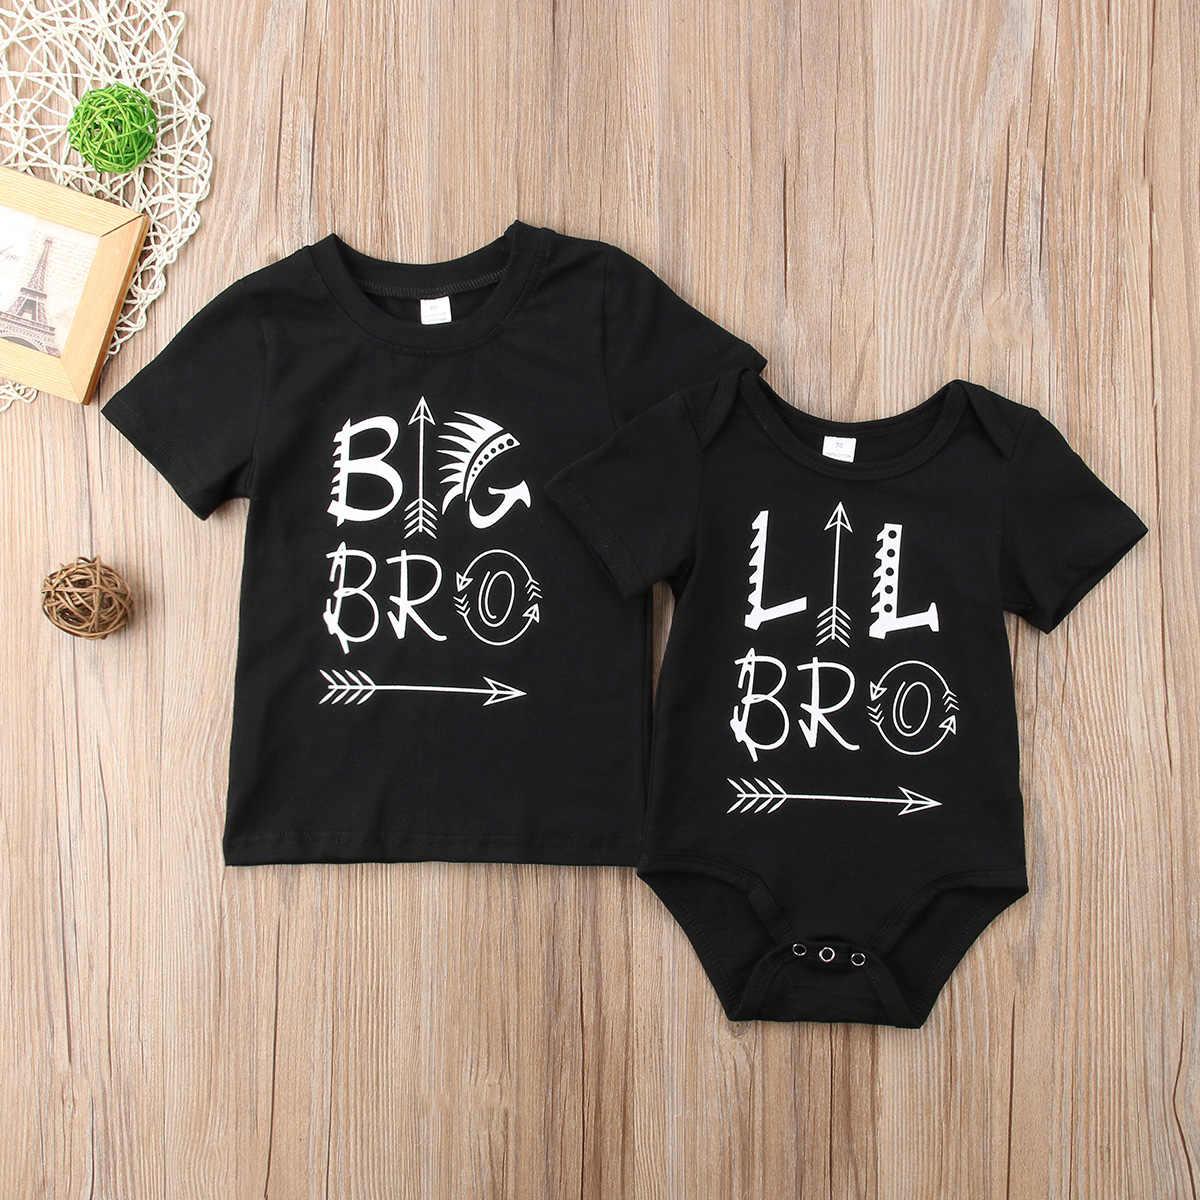 2018 г. Костюм для новорожденных и маленьких детей одинаковый костюм футболка с Большим Братом боди с изображением маленького брата черные летние топы, повседневная одежда